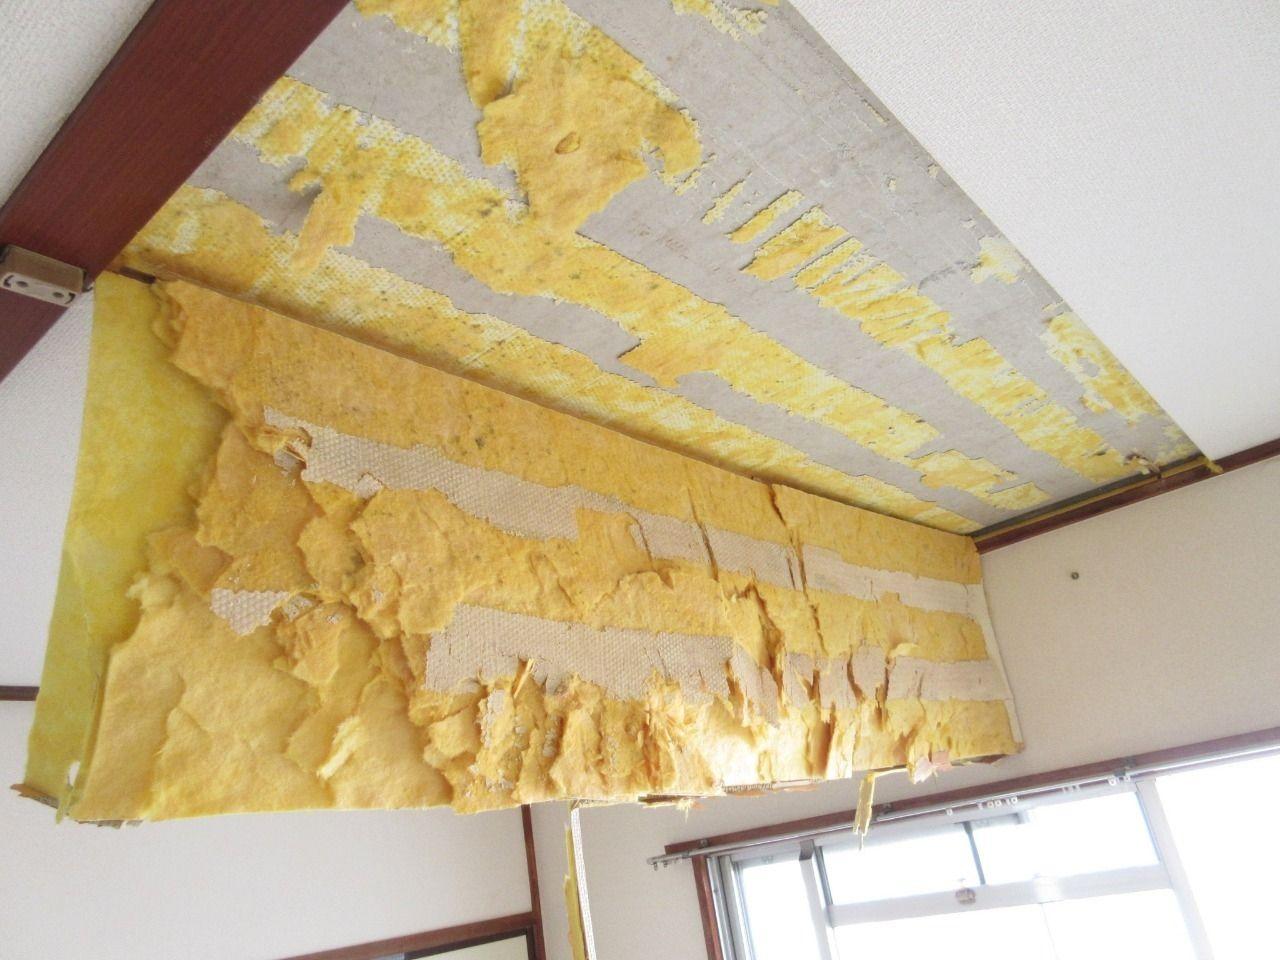 剥がし方は天井周囲にカッターを入れて、バールを使って剥がすだけです。  いたって簡単な作業です。  ちょっと体力はいるかもしれませんが…  しかし、天井を自分で剥がすことなんてめったにないので、テンションが上がり意外とすんなりと剥がせました。